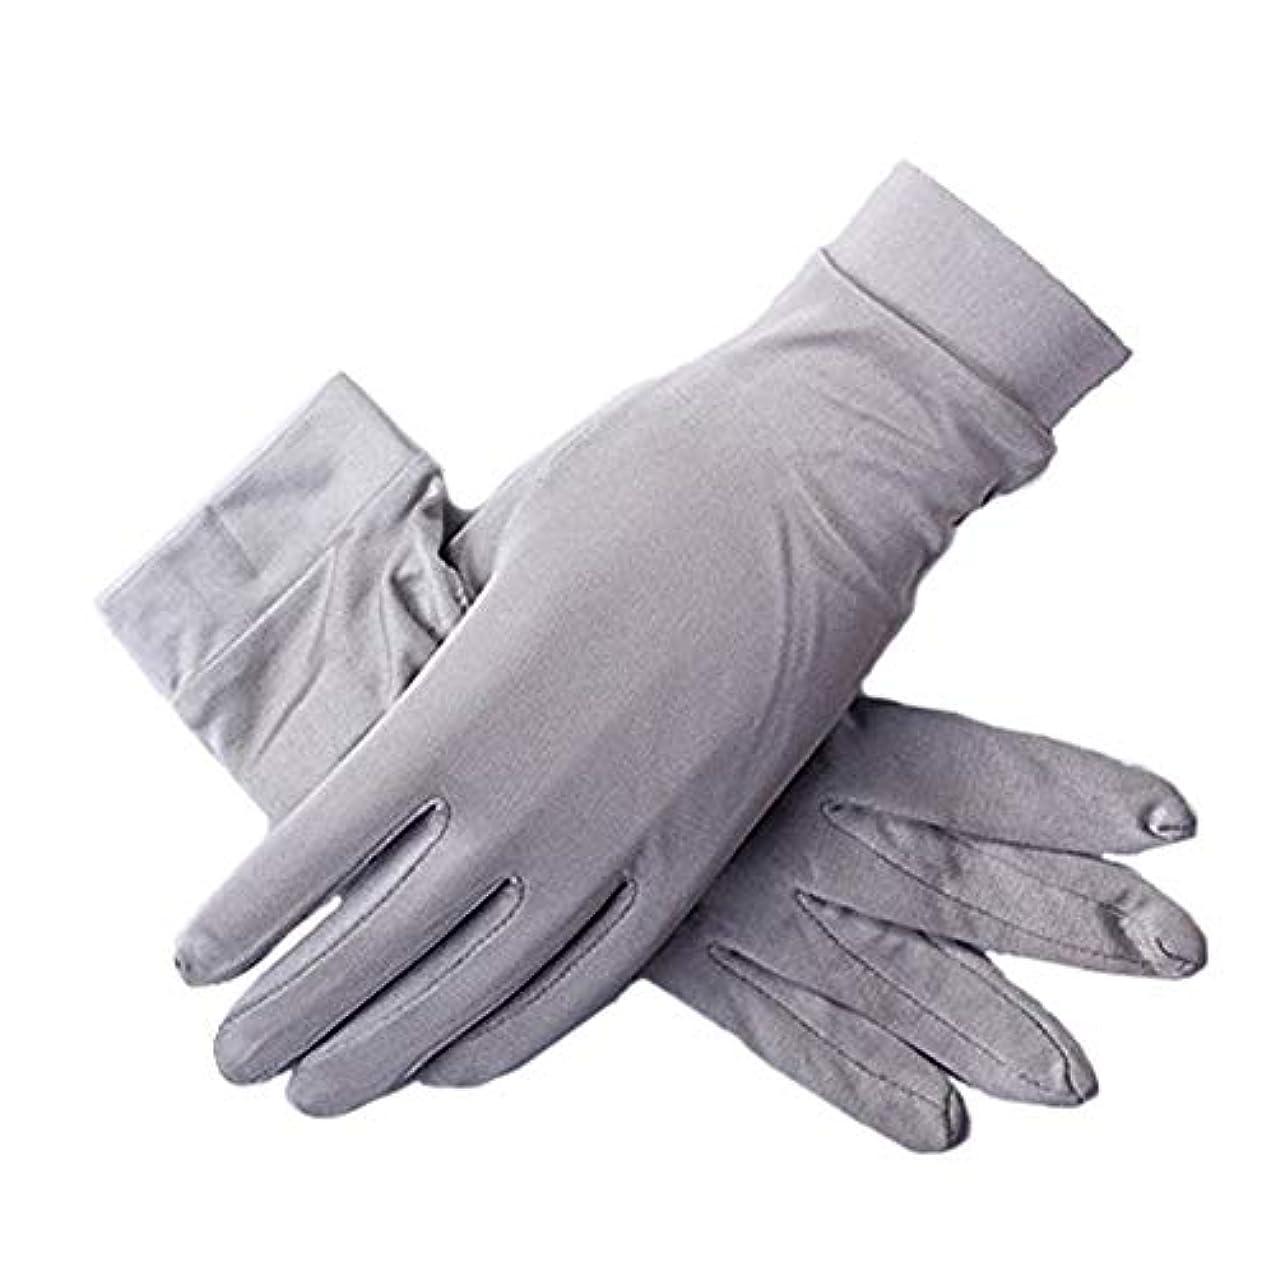 禁じる有利明確にシルク手袋手袋 シルク uvカット おやすみ 手触りが良い 紫外線 日焼け防止 手荒い 保湿 夏 ハンド ケア レディースメンズ